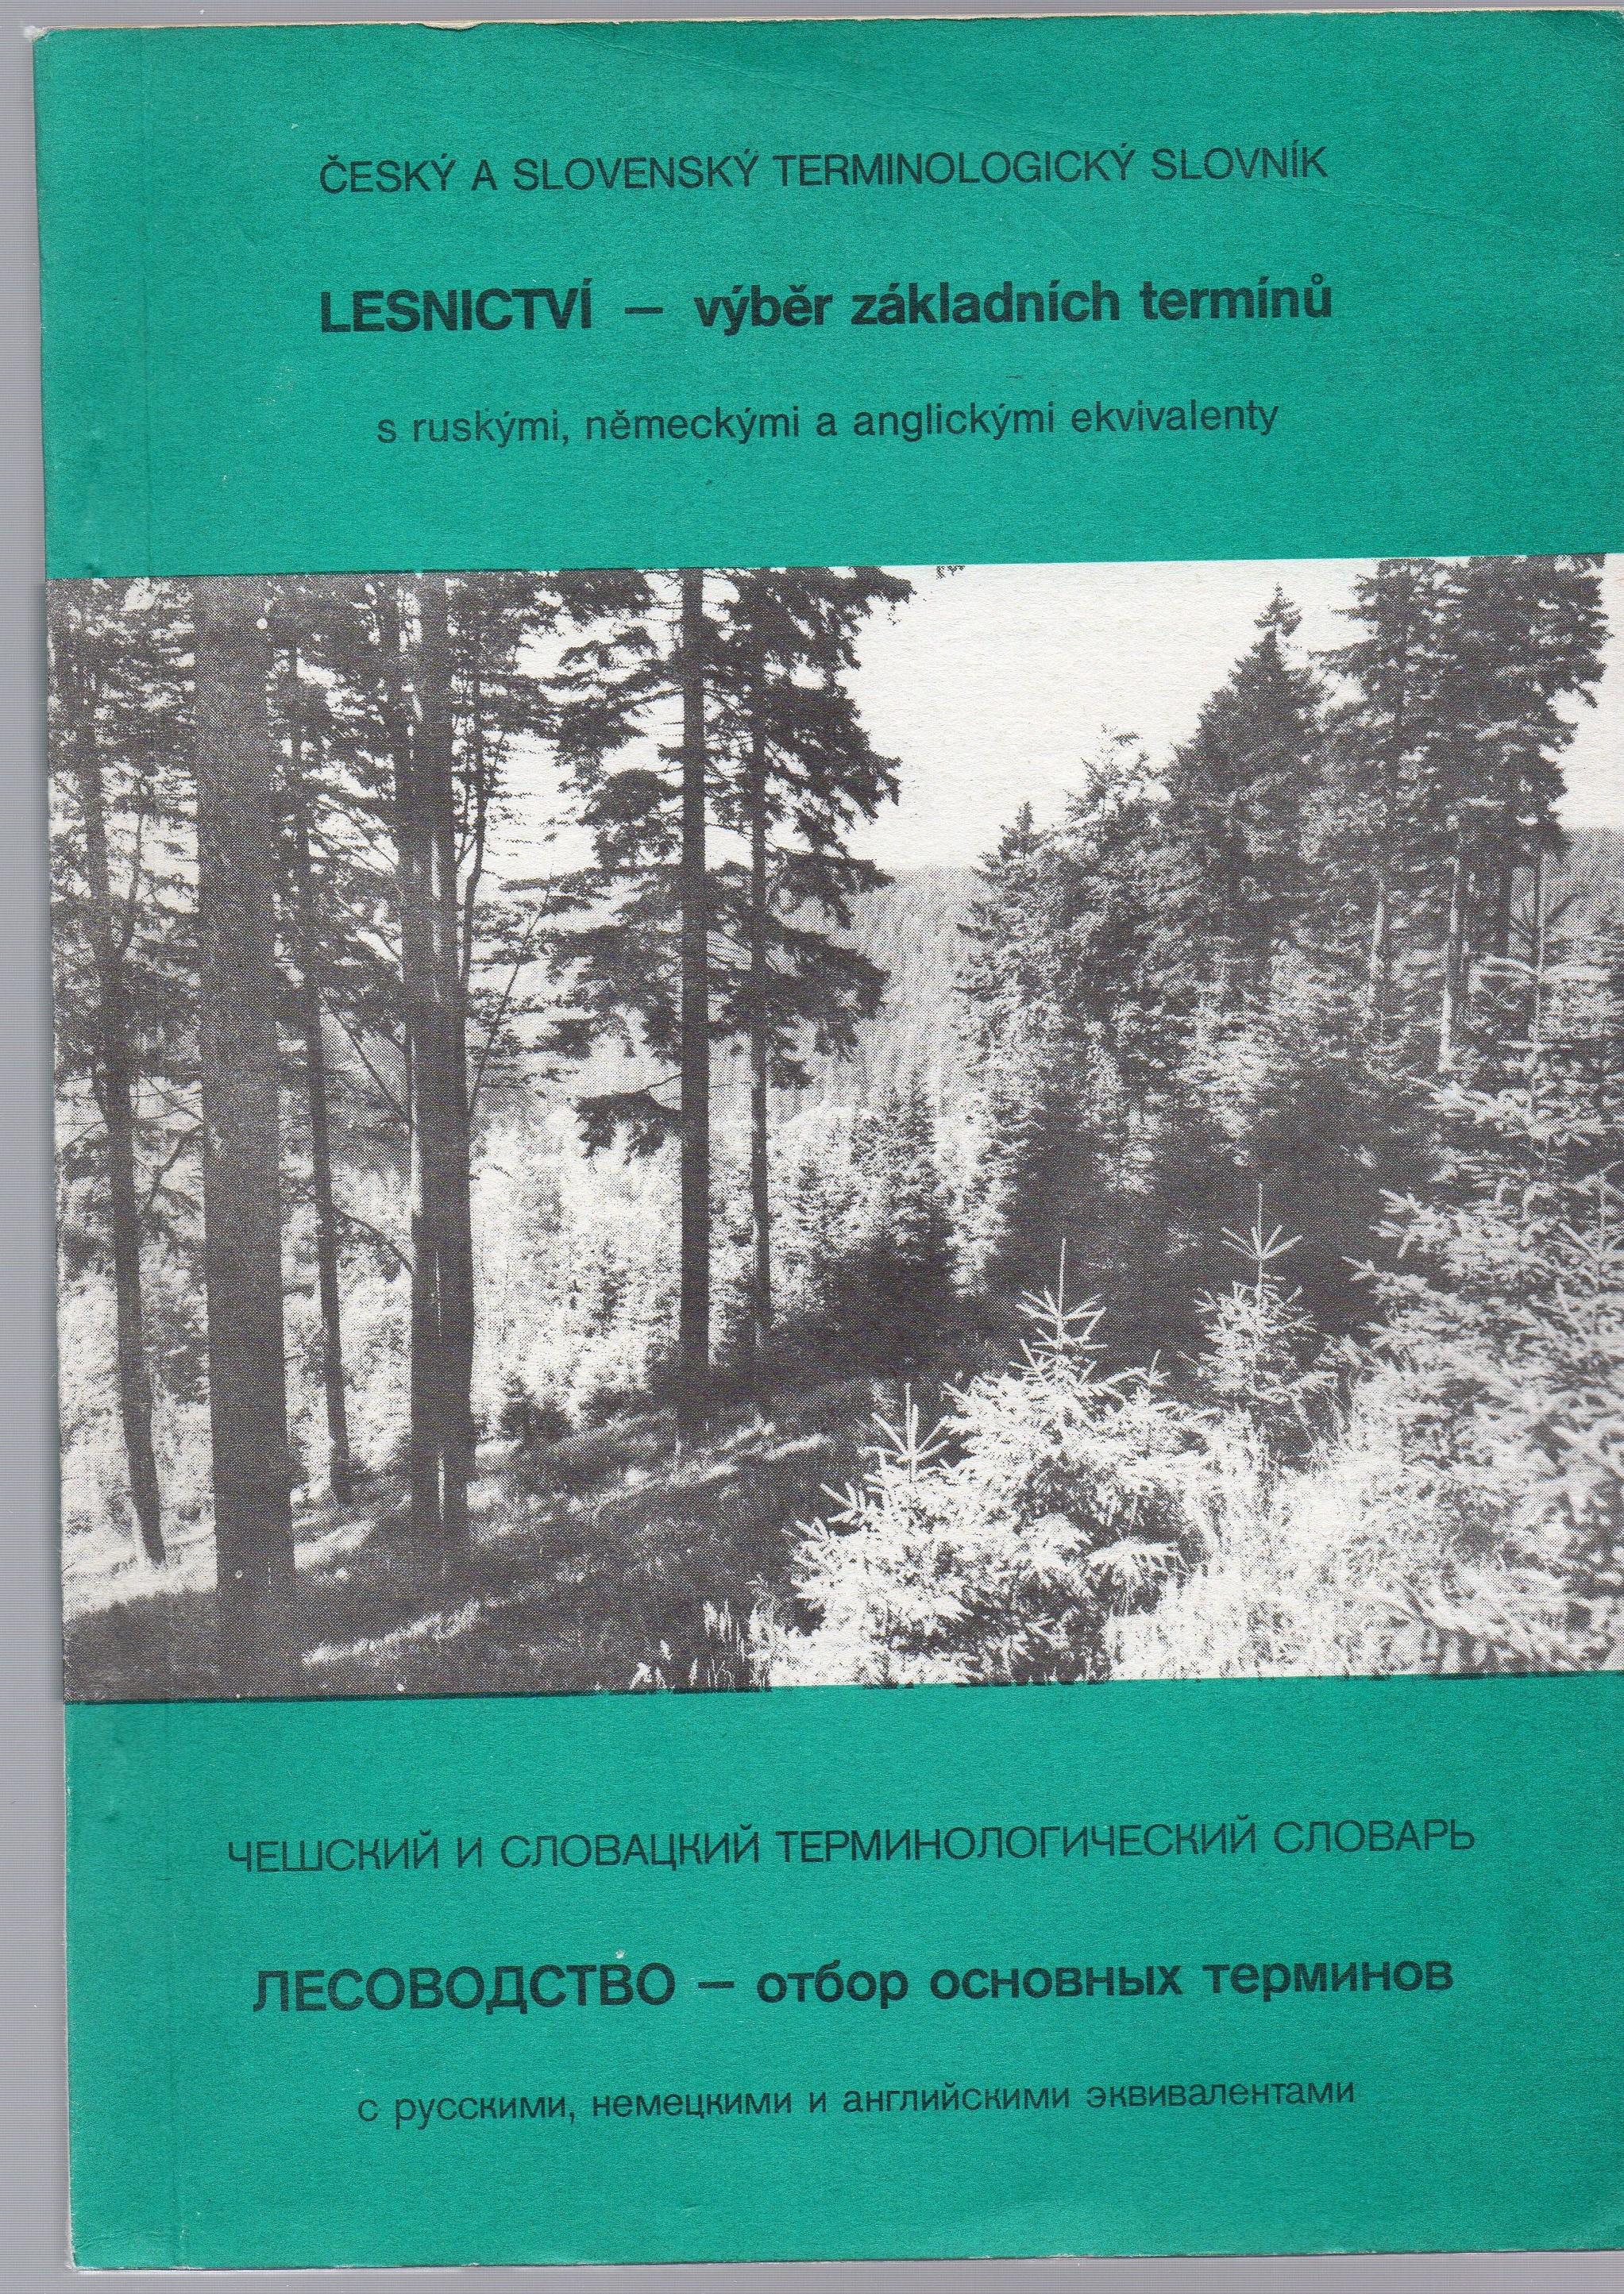 Lesnictví - výběr základních termínů - Ing. A. Laffers, CSc., a kol. autorů